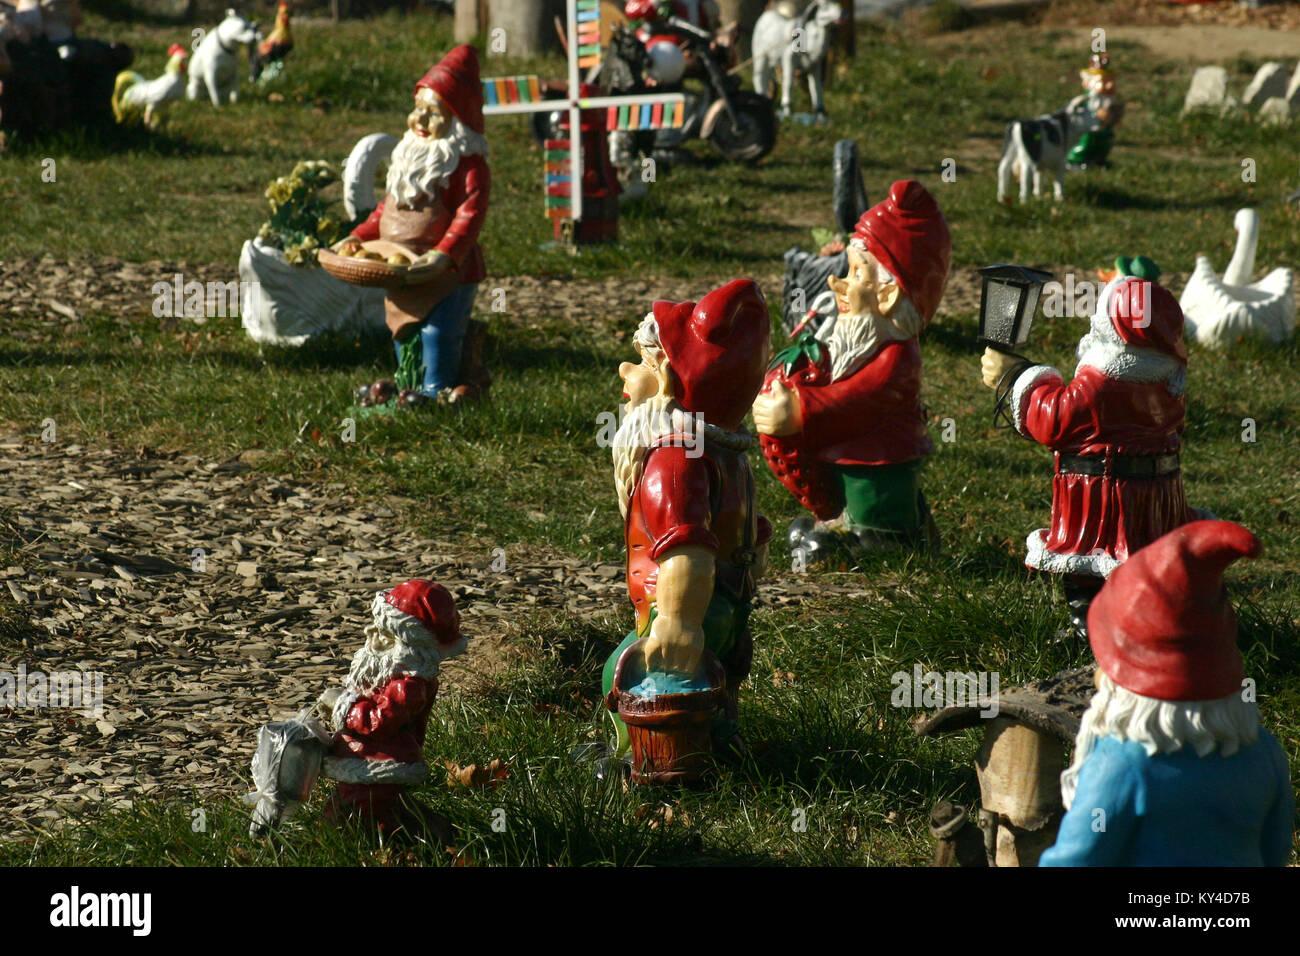 Funny red garden gnomes/ dwarfs Stock Photo: 171587231 - Alamy